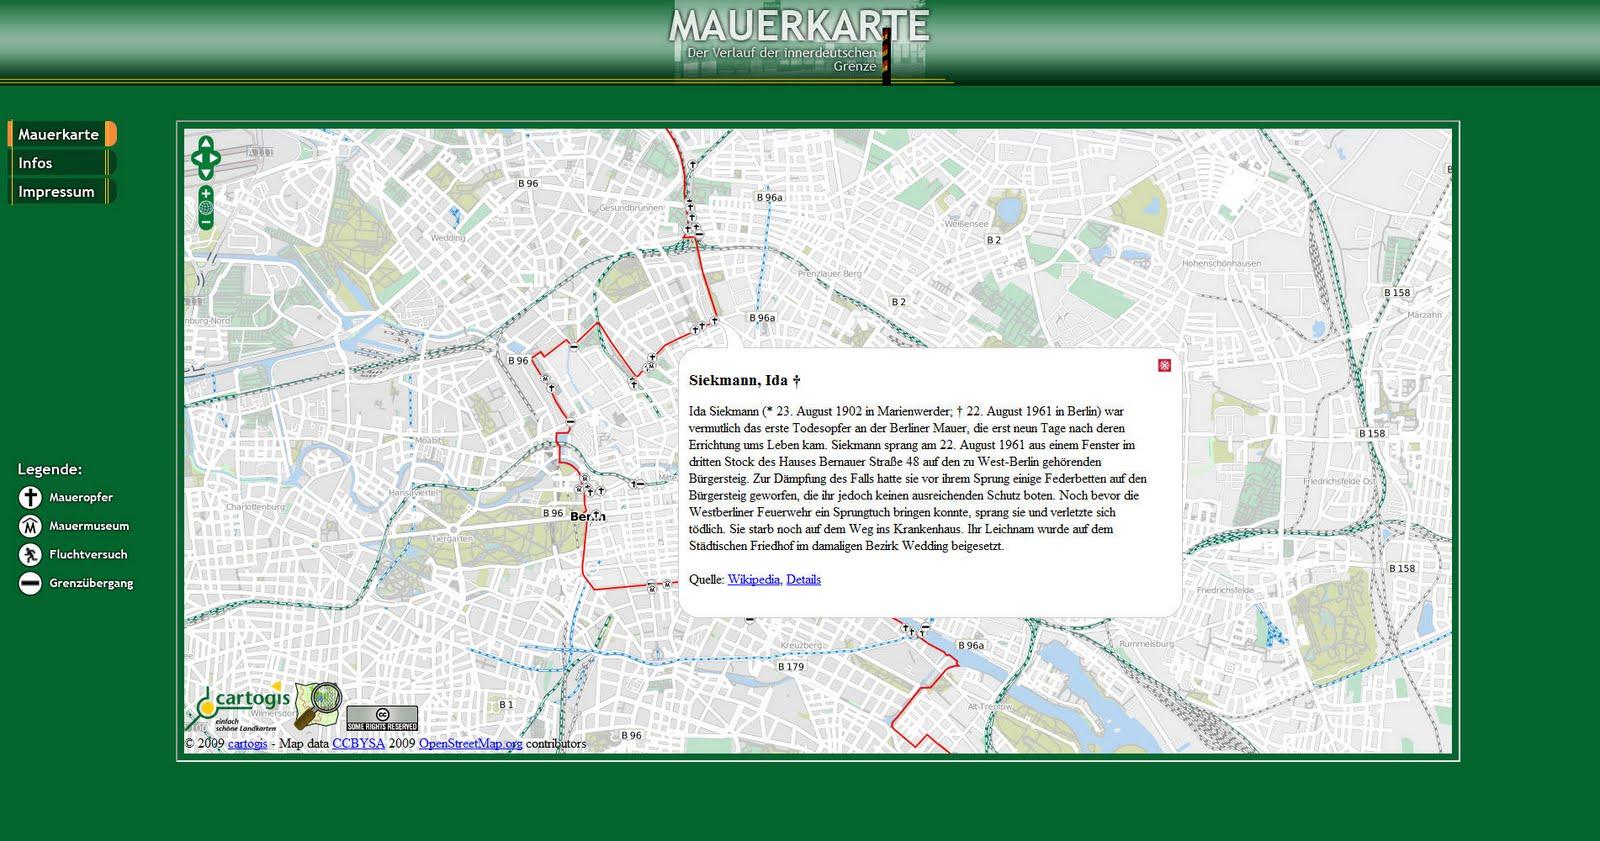 Verlauf Ddr Grenze Karte.Landkartenblog Entdecken Sie Die Innerdeutsche Grenze Und